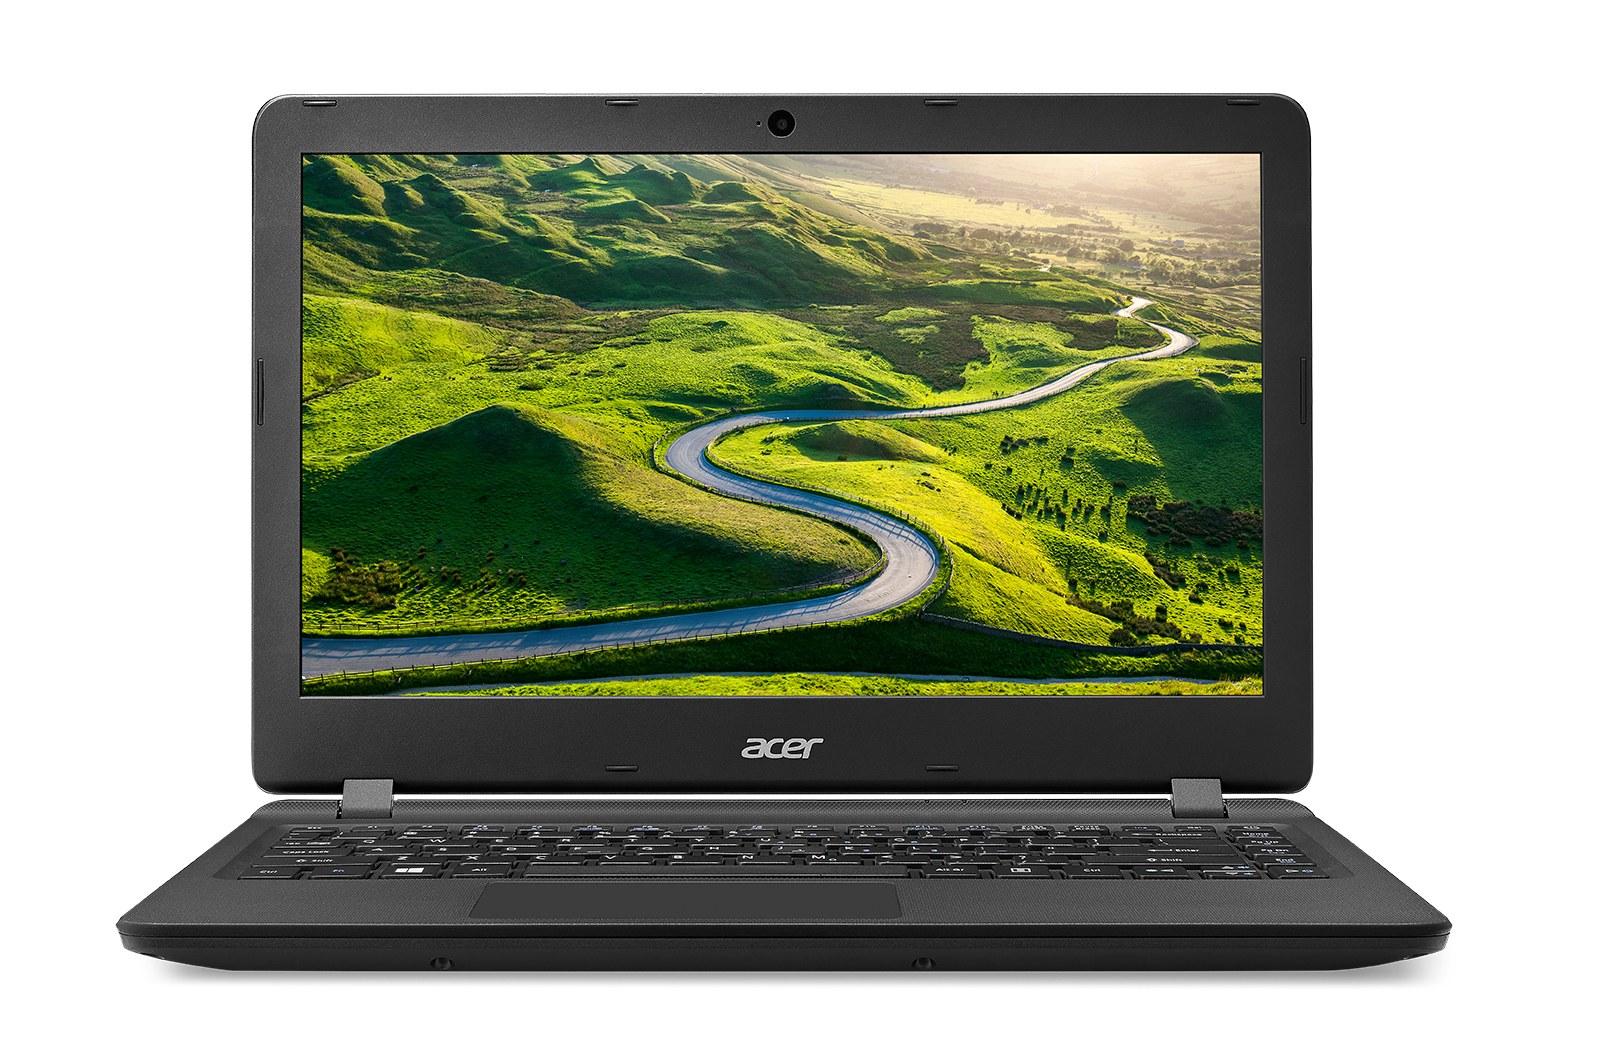 """Acer Aspire ES 13 (ES1-332-C7AK) Celeron N3350/4GB+N/A/eMMC 32GB+N/A/HD Graphics/13.3"""" HD matný/BT/W10 Home/Black/One Drive"""